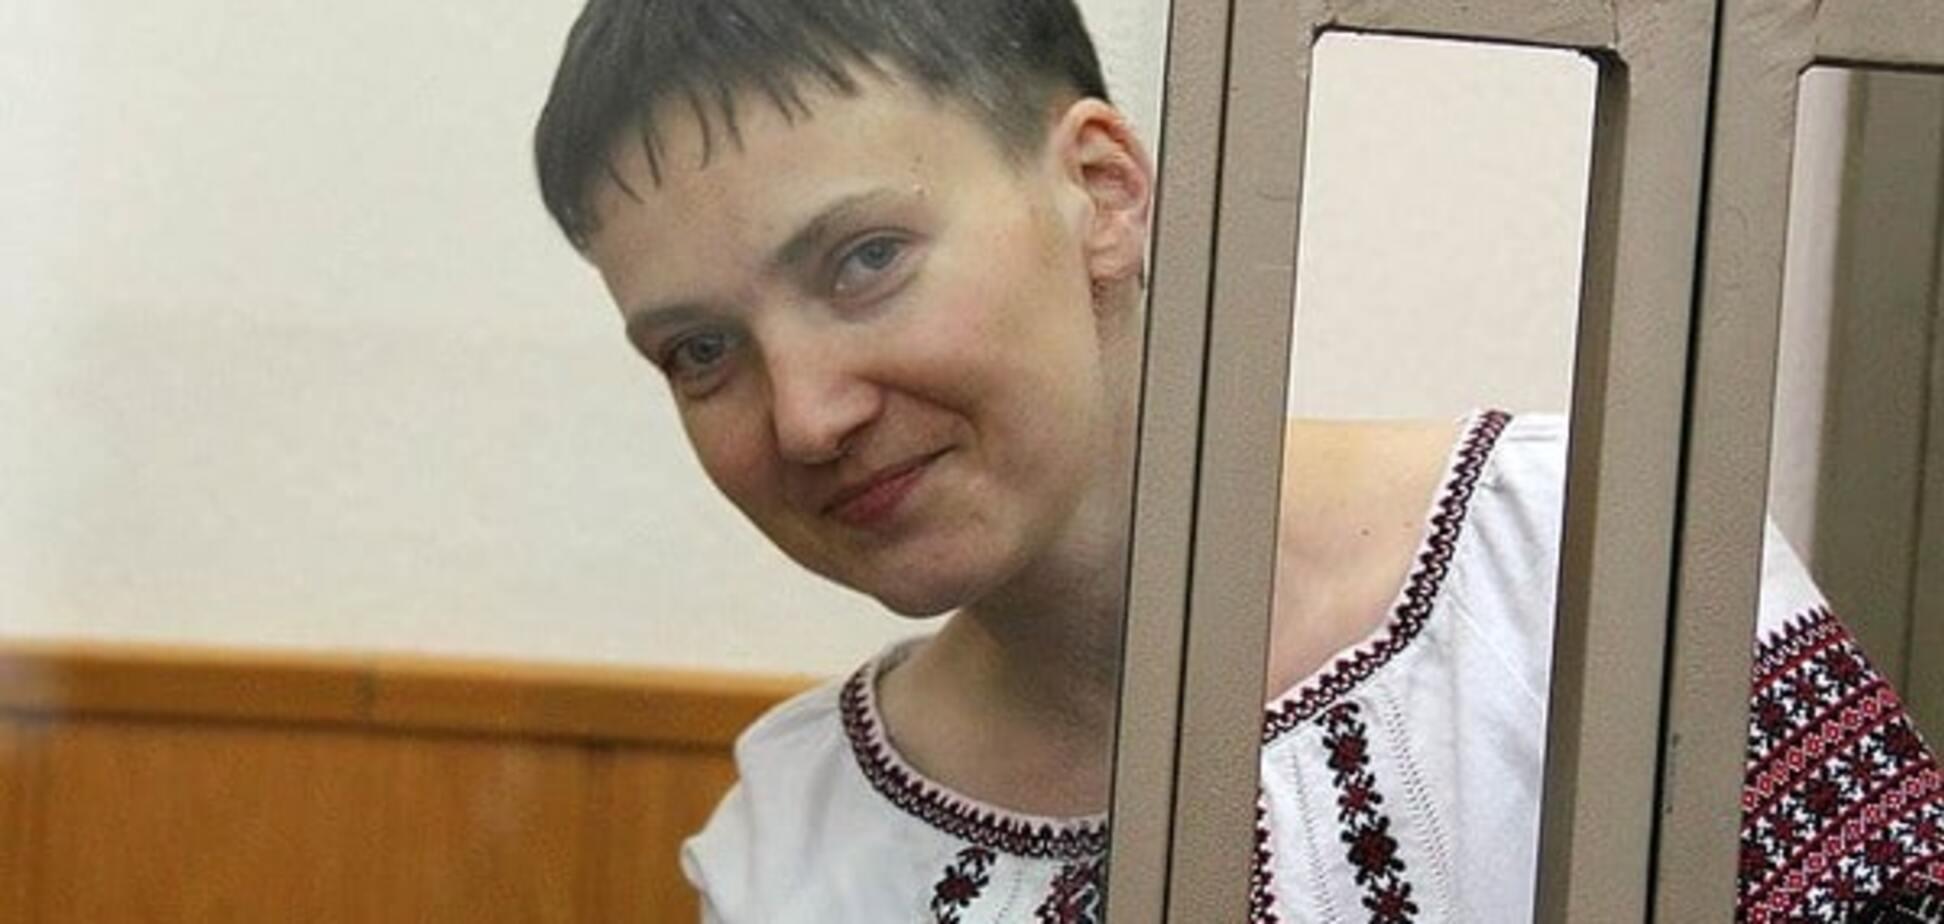 Скоро буде вдома? Савченко в СІЗО видали документи для екстрадиції в Україну